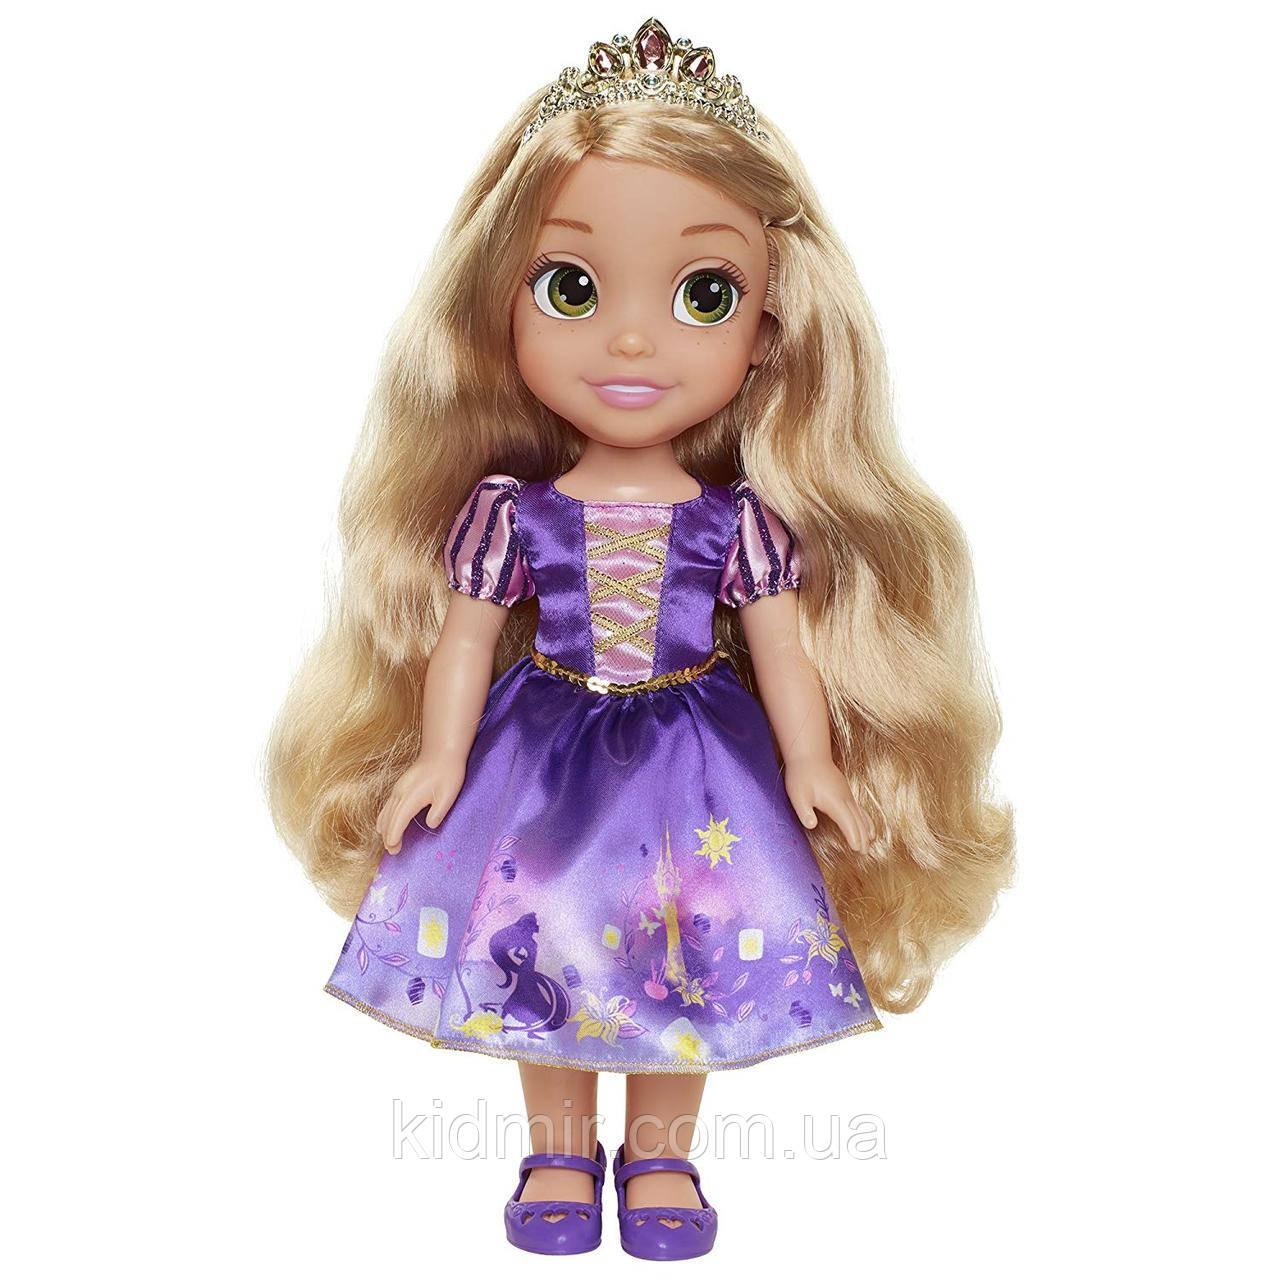 Купить Принцесса Дисней Рапунцель Кукла малышка Jakks ...